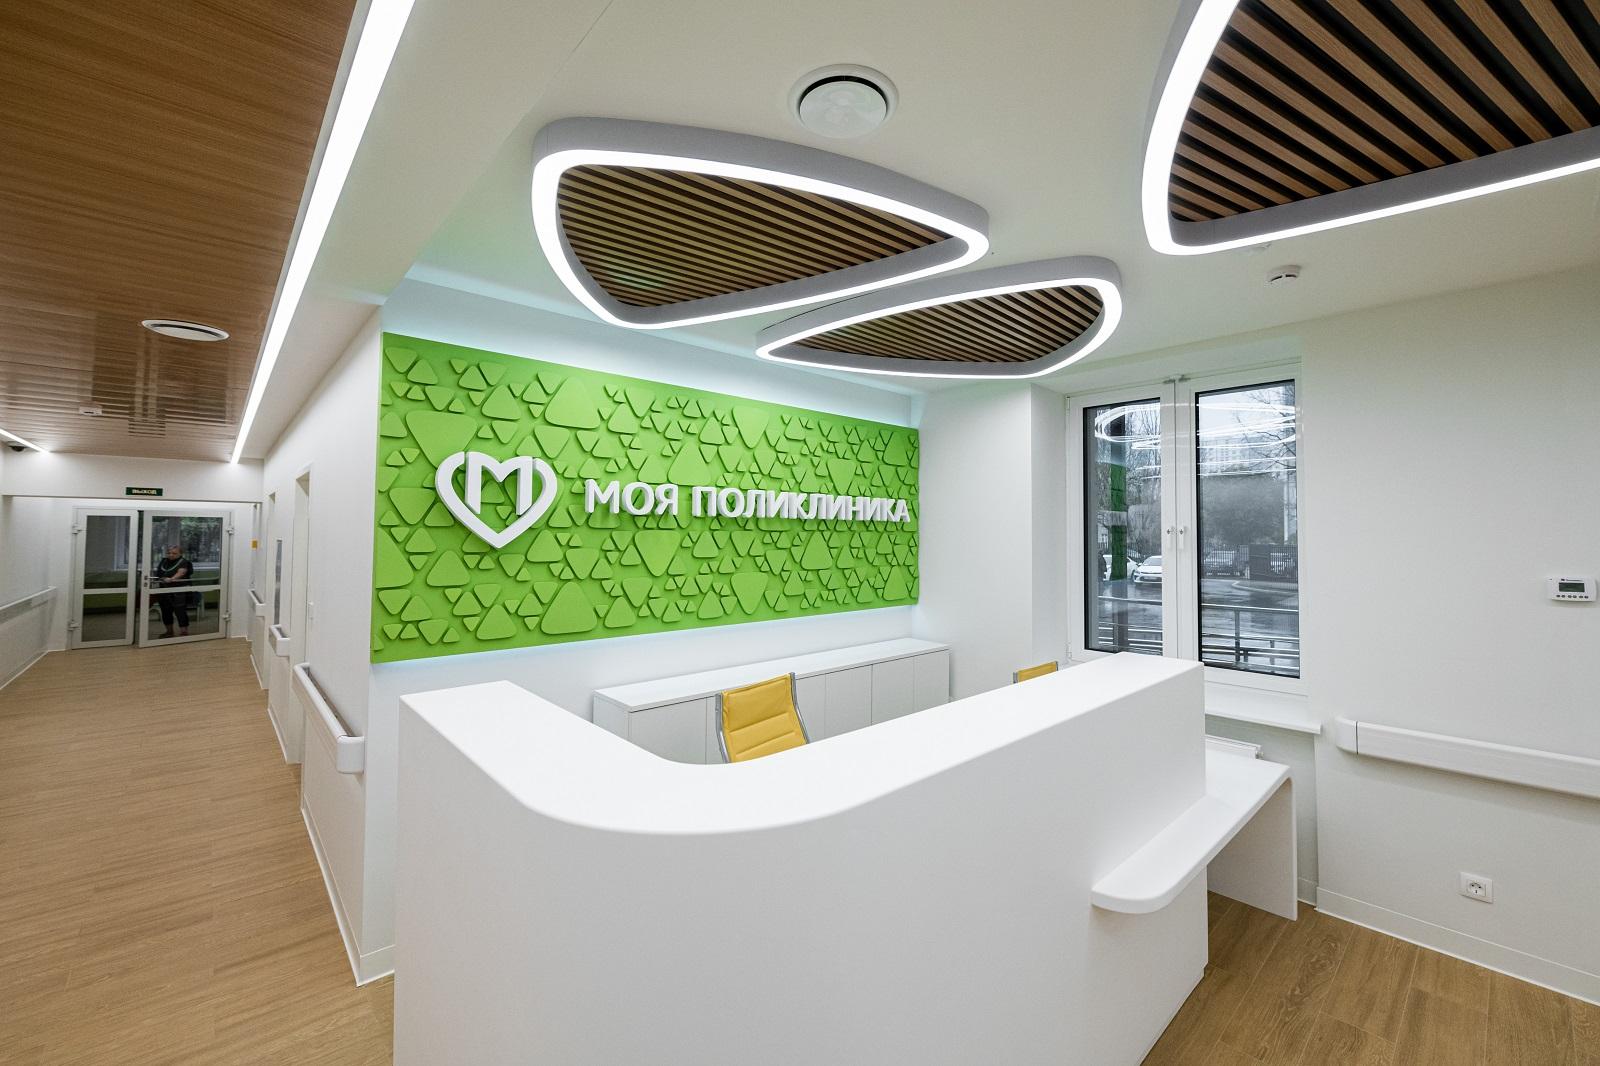 Москва выделит дополнительное финансирование на строительство 17 поликлиник